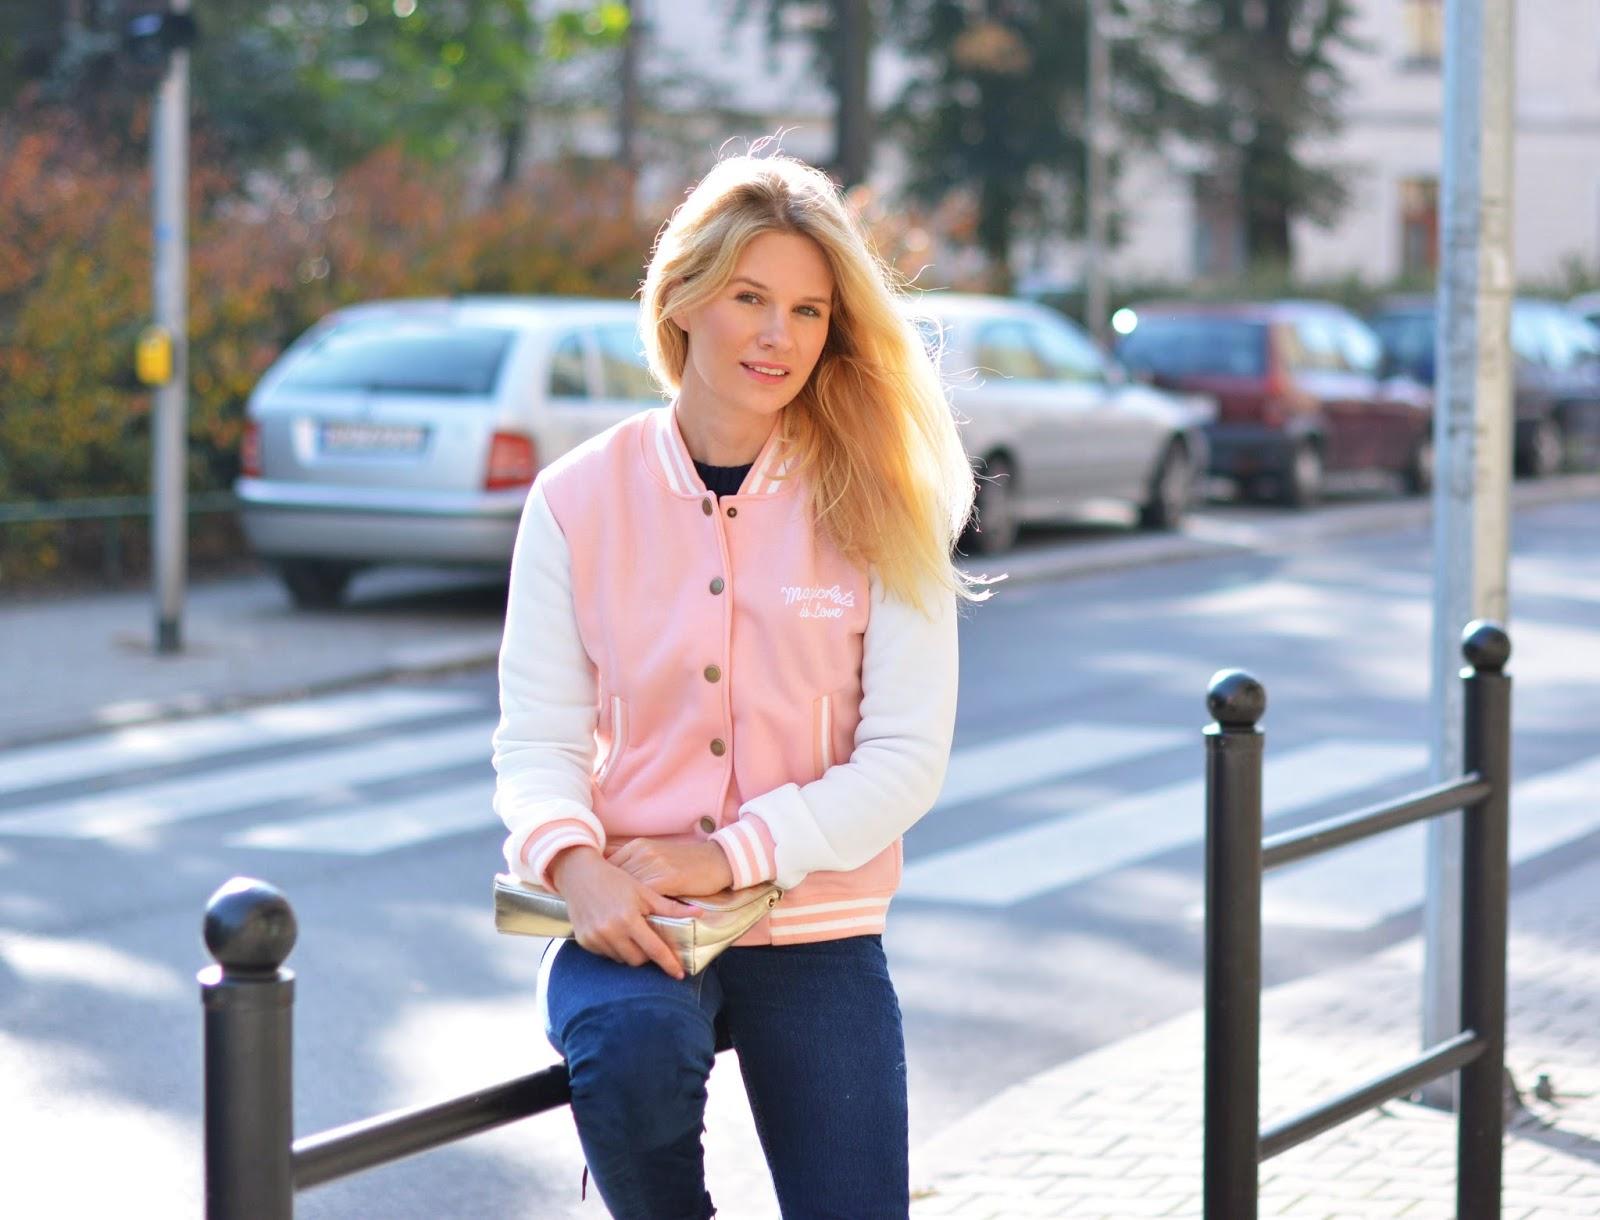 kurtka, blog, blogger, stylizacja, bloger, look, jesienny